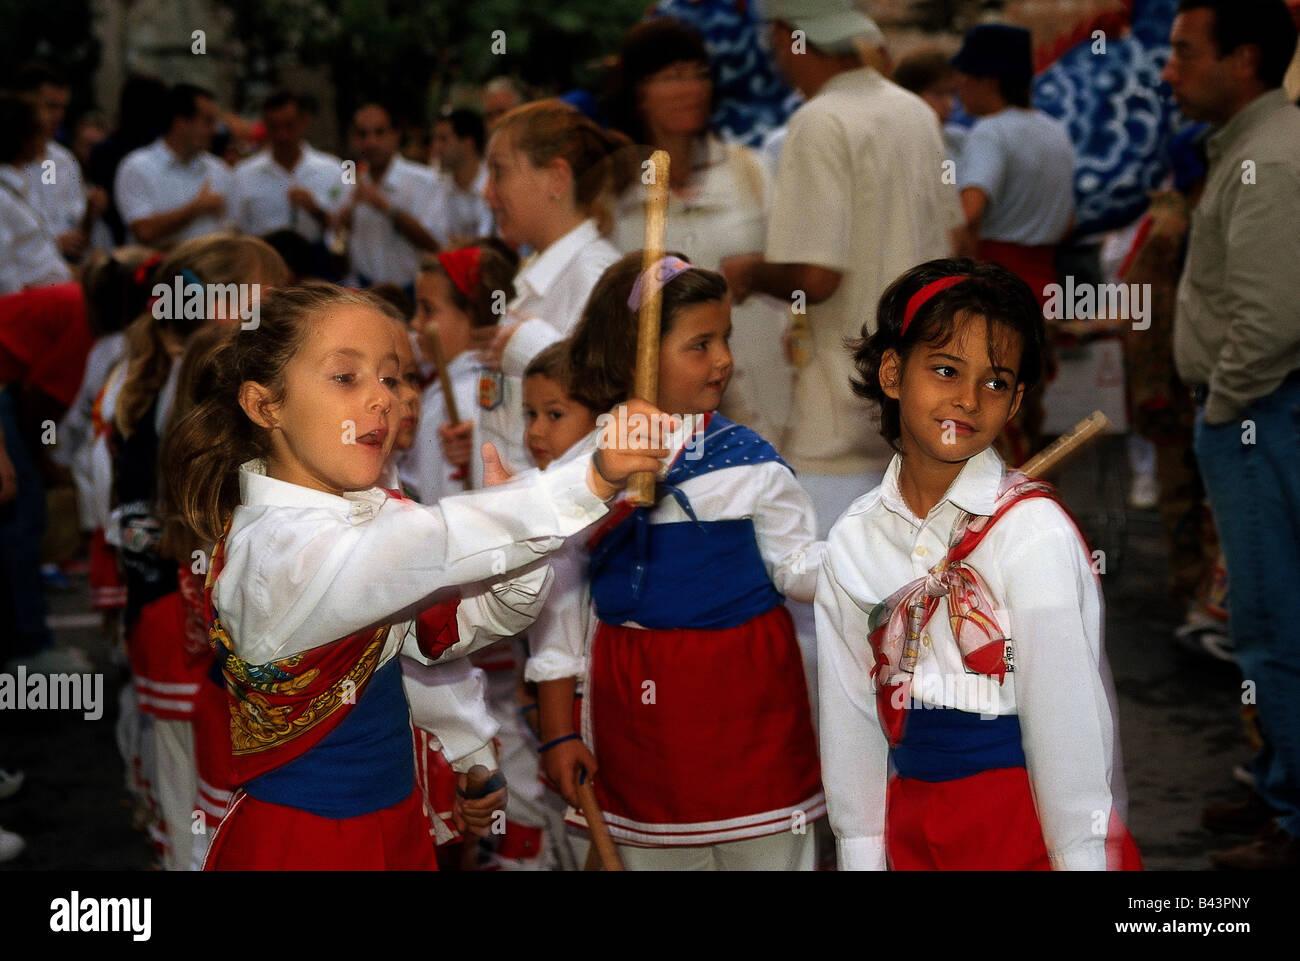 Géographie / voyages, l'Espagne, les gens, les enfants en costumes traditionnels à la Festa Major de la Merca, à Sitges, Costa Daurada, folklore, tradition, Merce, , Additional-Rights Clearance-Info-Not-Available- Banque D'Images